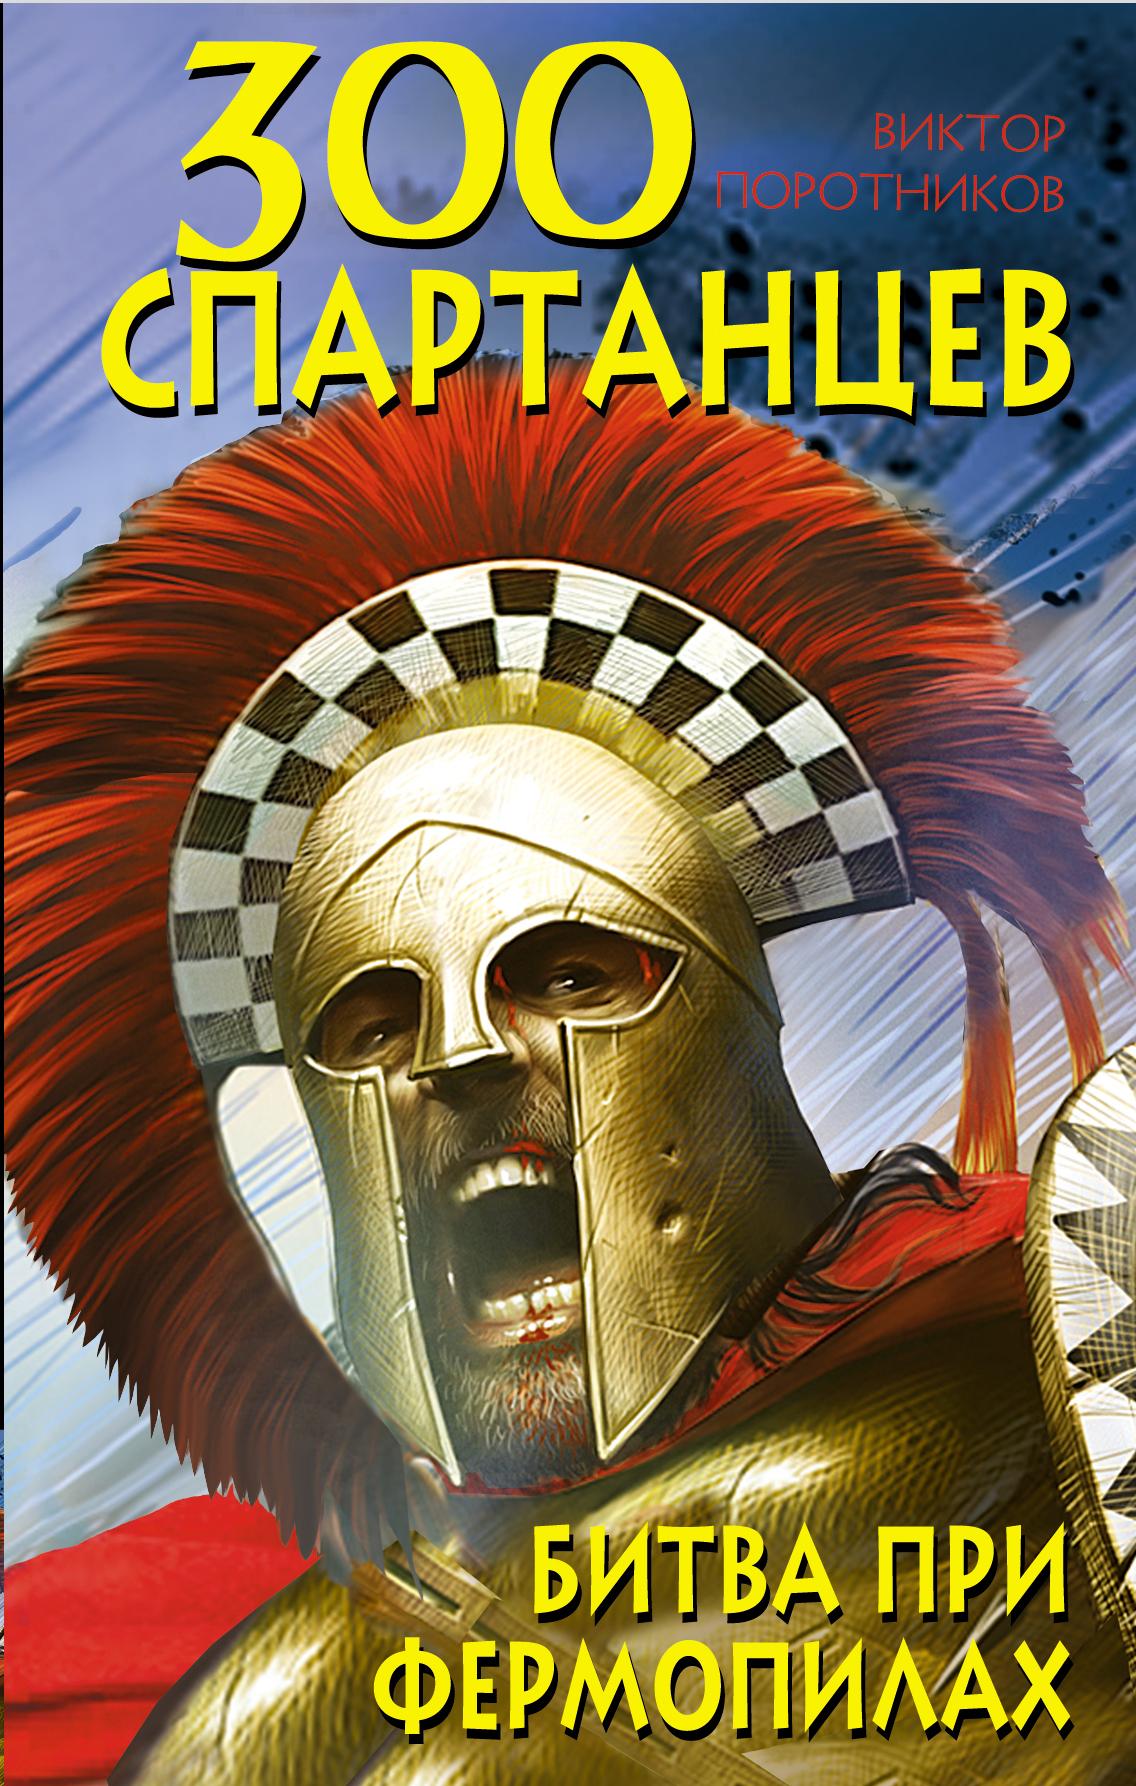 300 спартанцев. Битва при Фермопилах